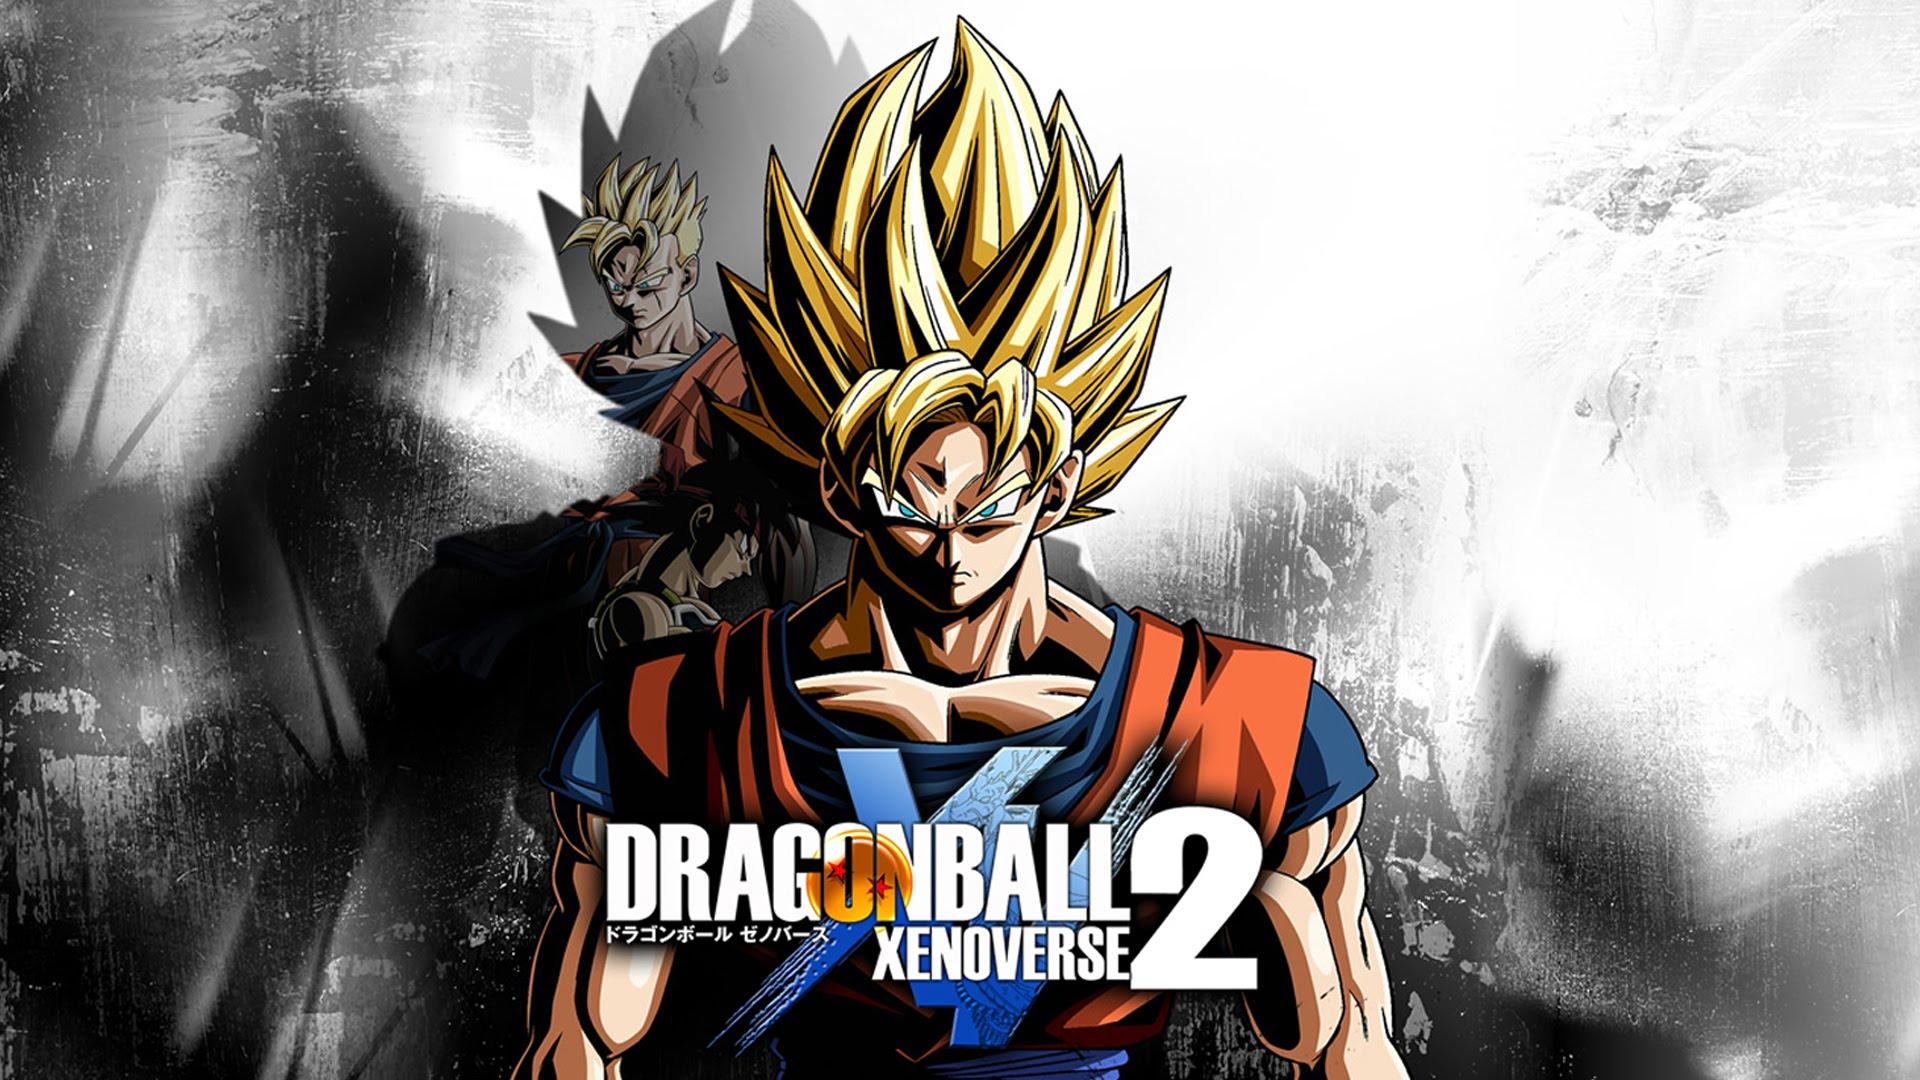 Z Rating Xenoverse DragonBall Xenoverse 2...